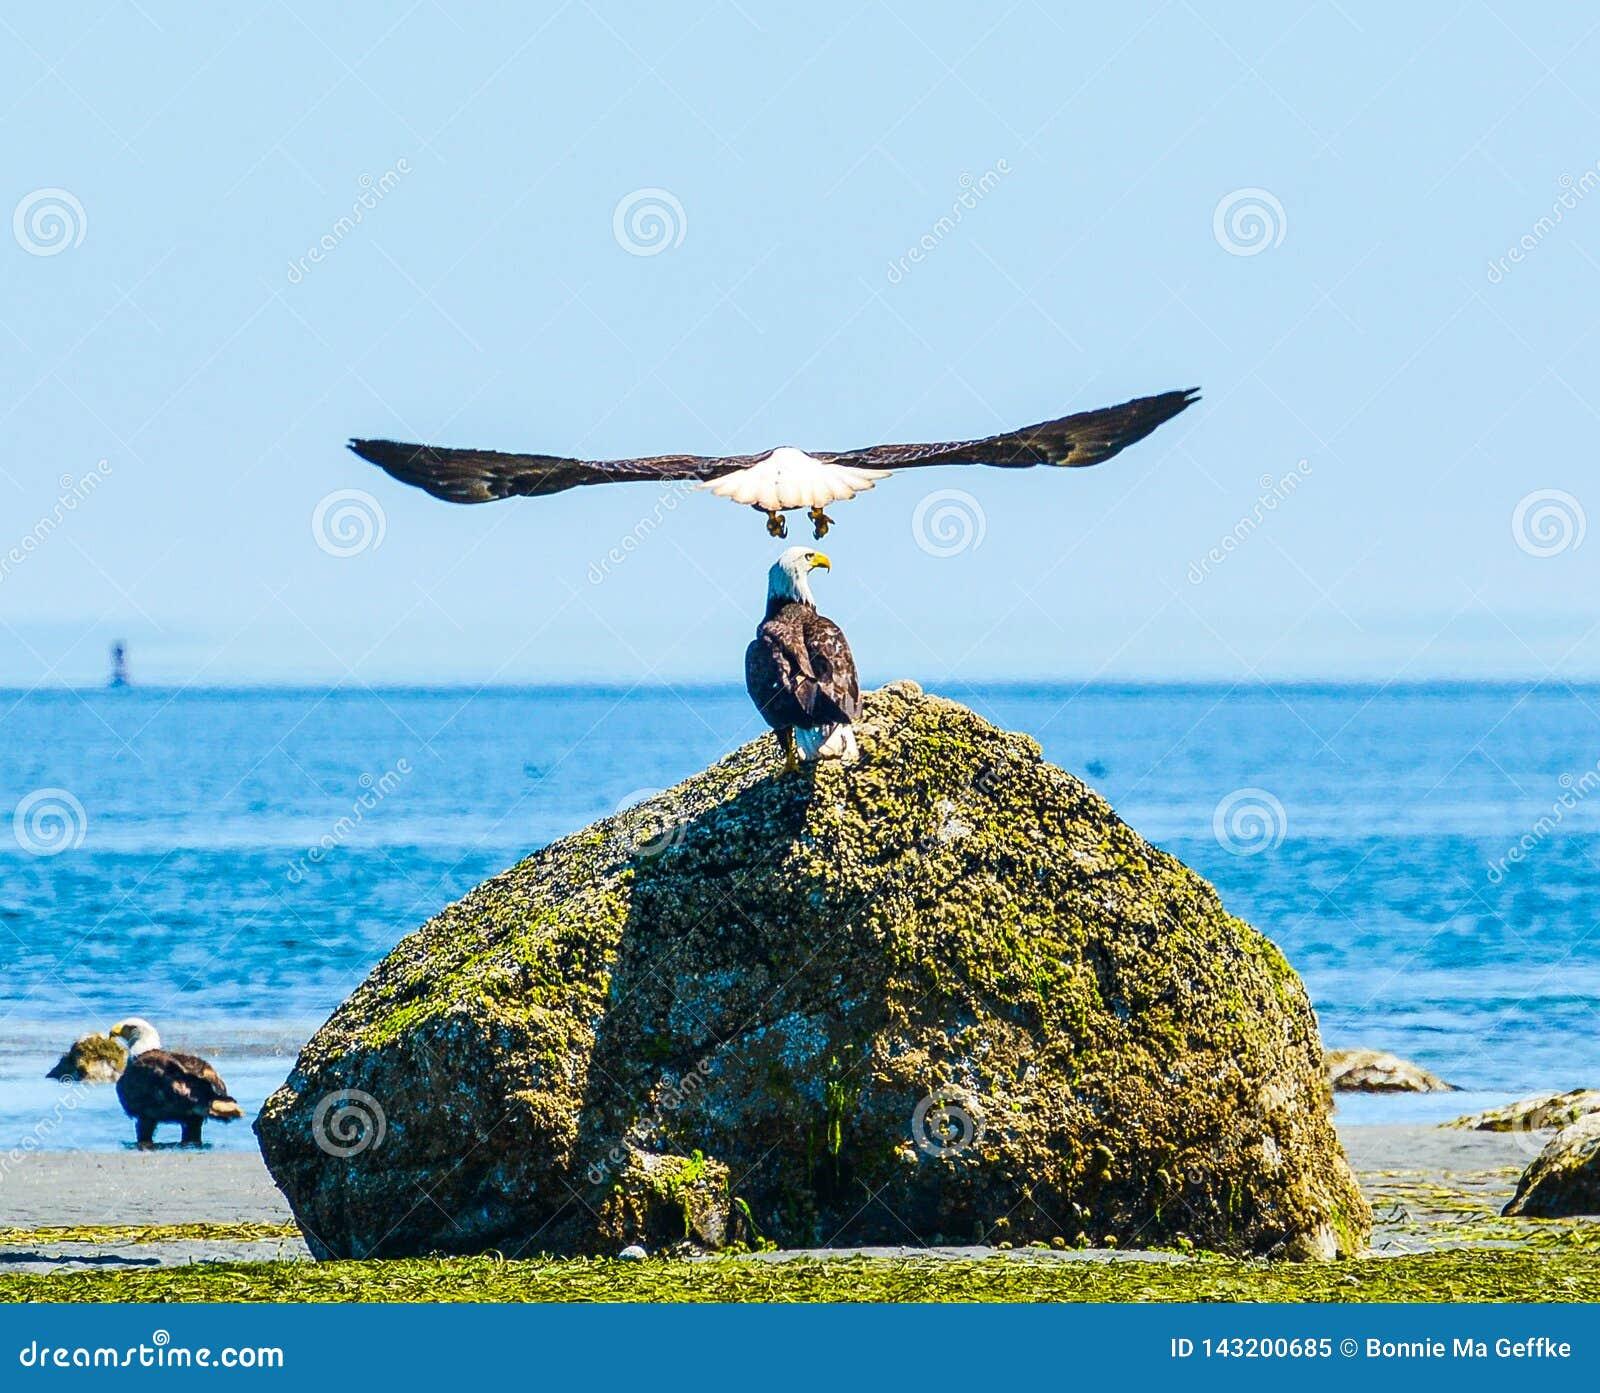 Eagle Spread Wings incrível